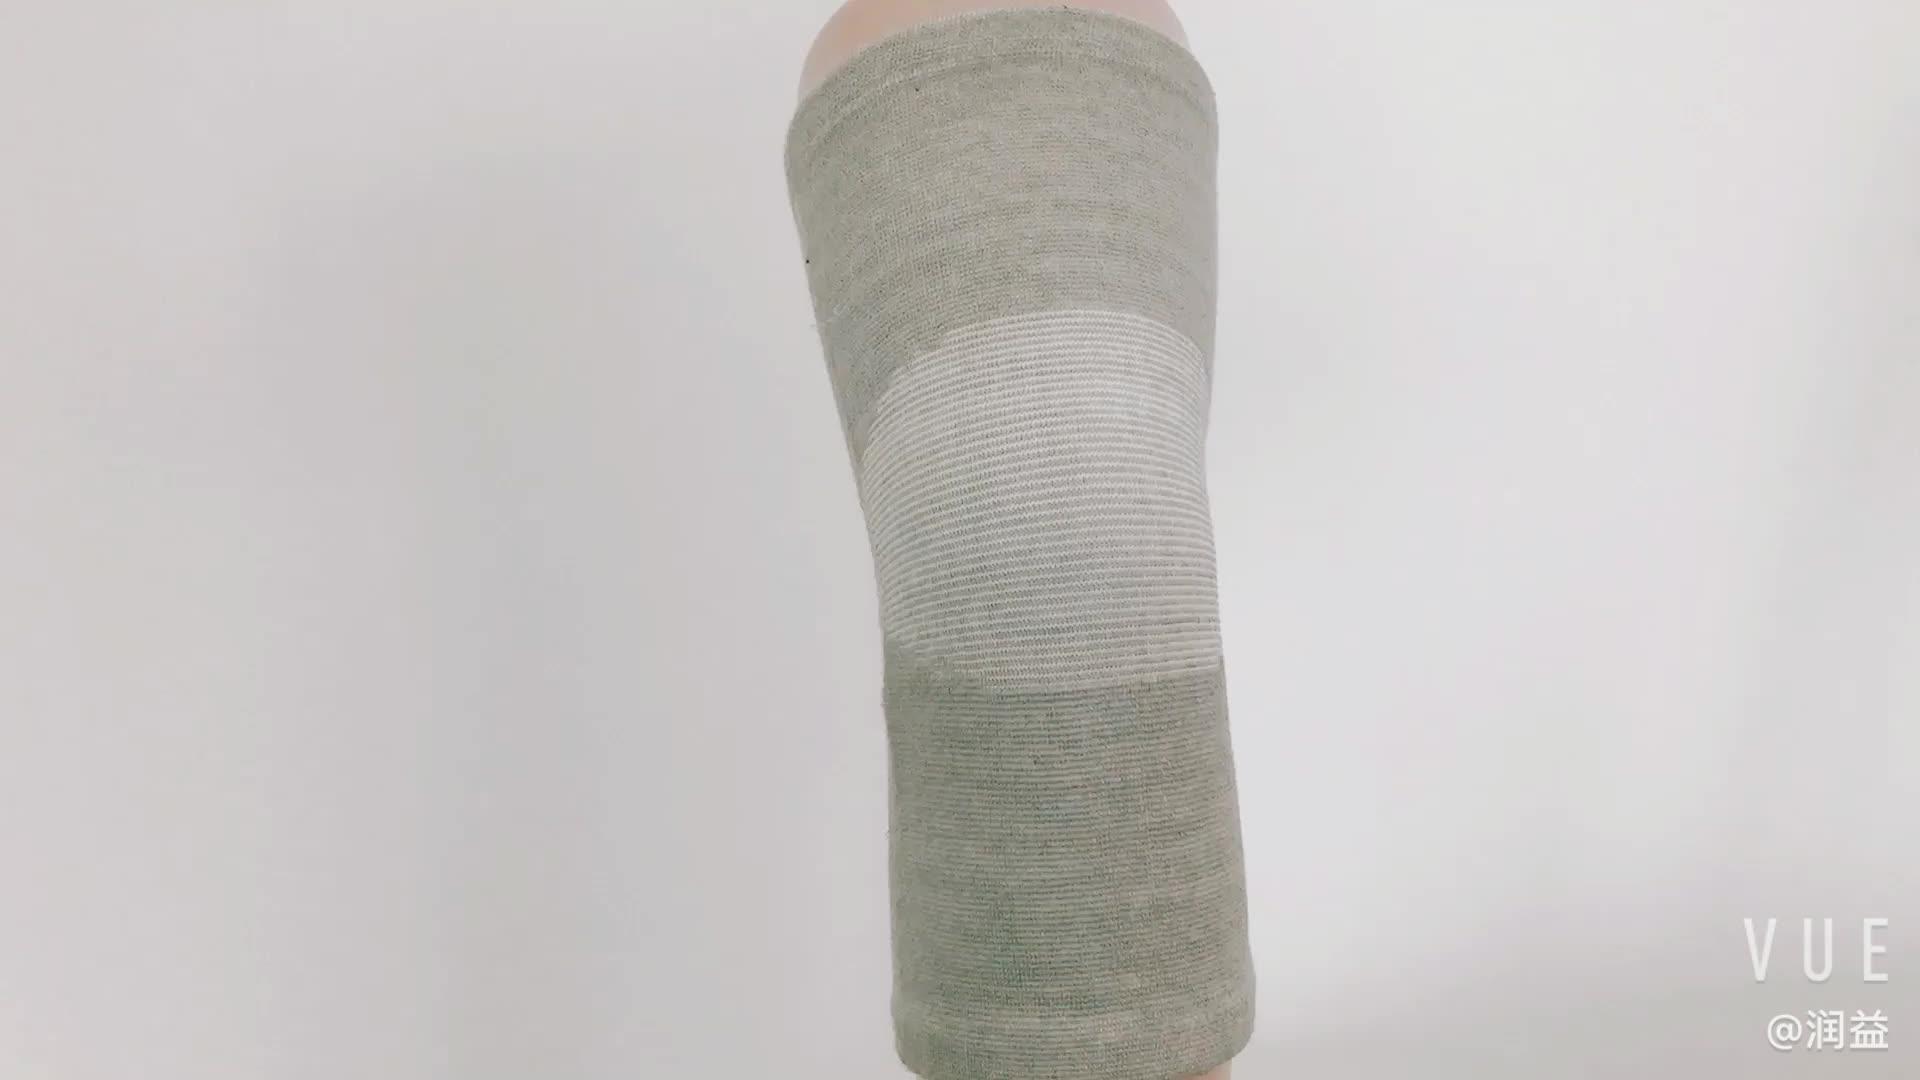 Toptan Nefes Elastik Bambu Kömür Pamuk Kneepad Diz Kol Desteği Spor Güvenliği için